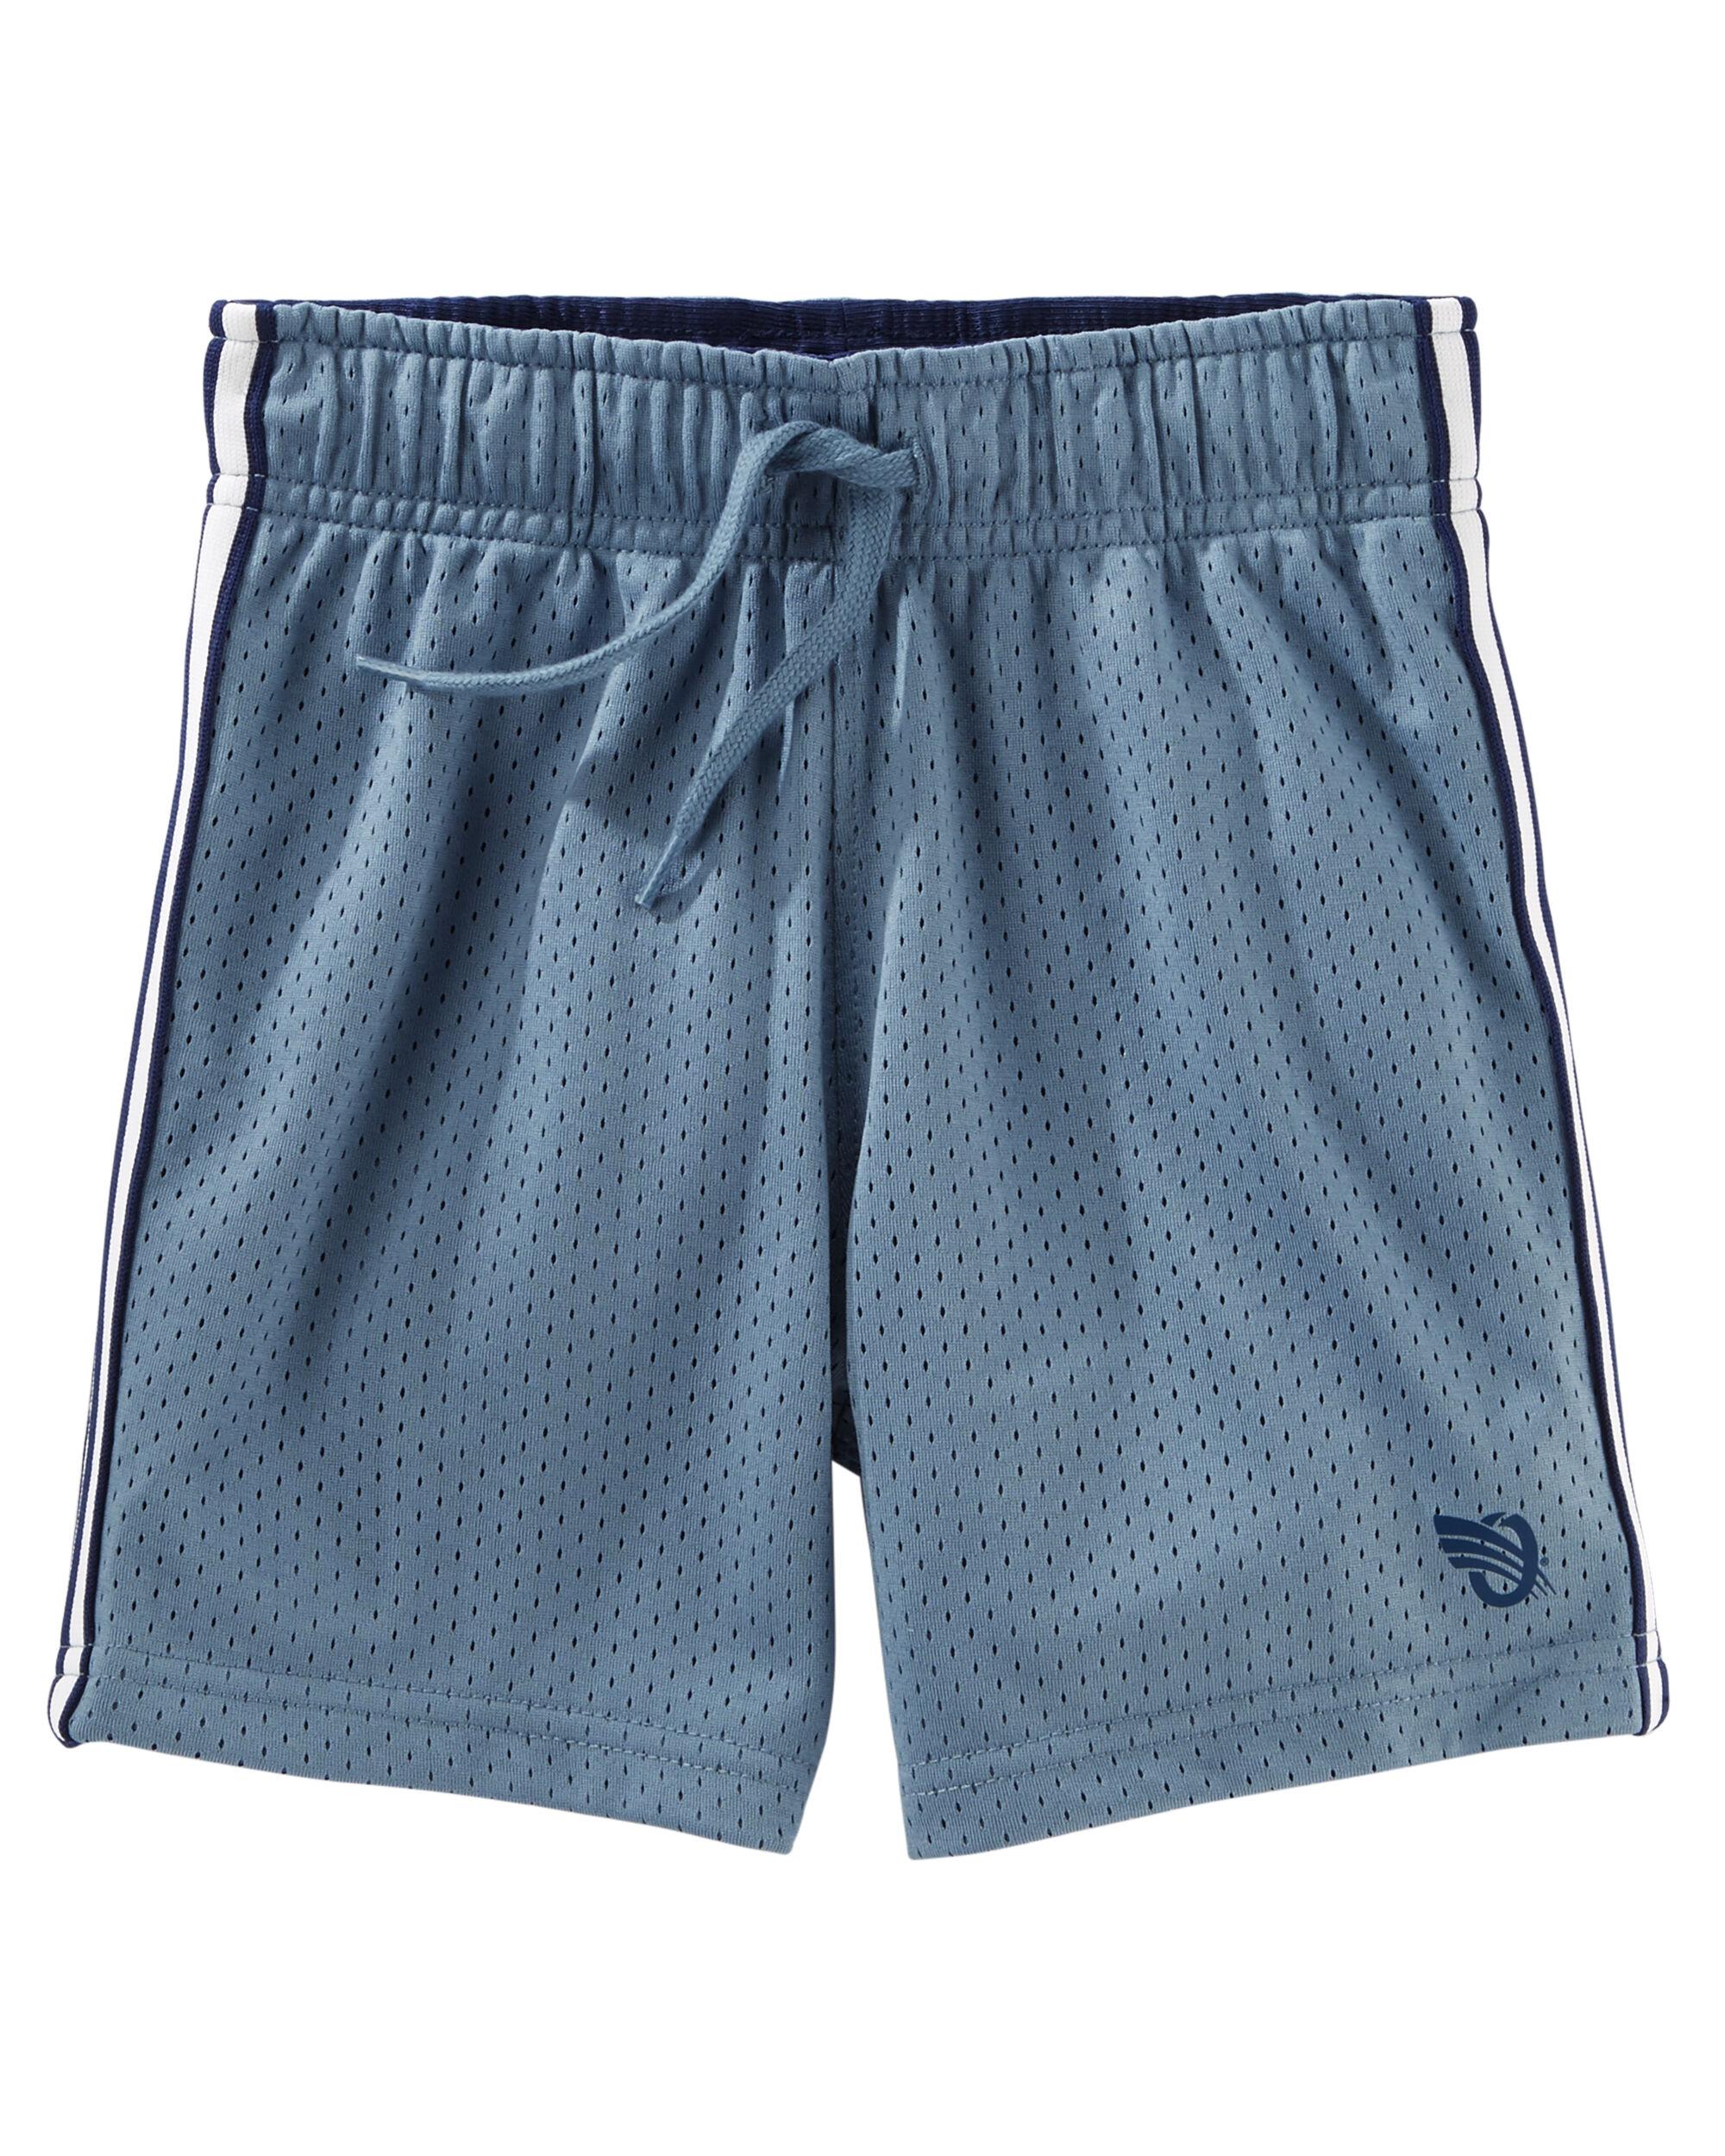 B'gosh Mesh Shorts